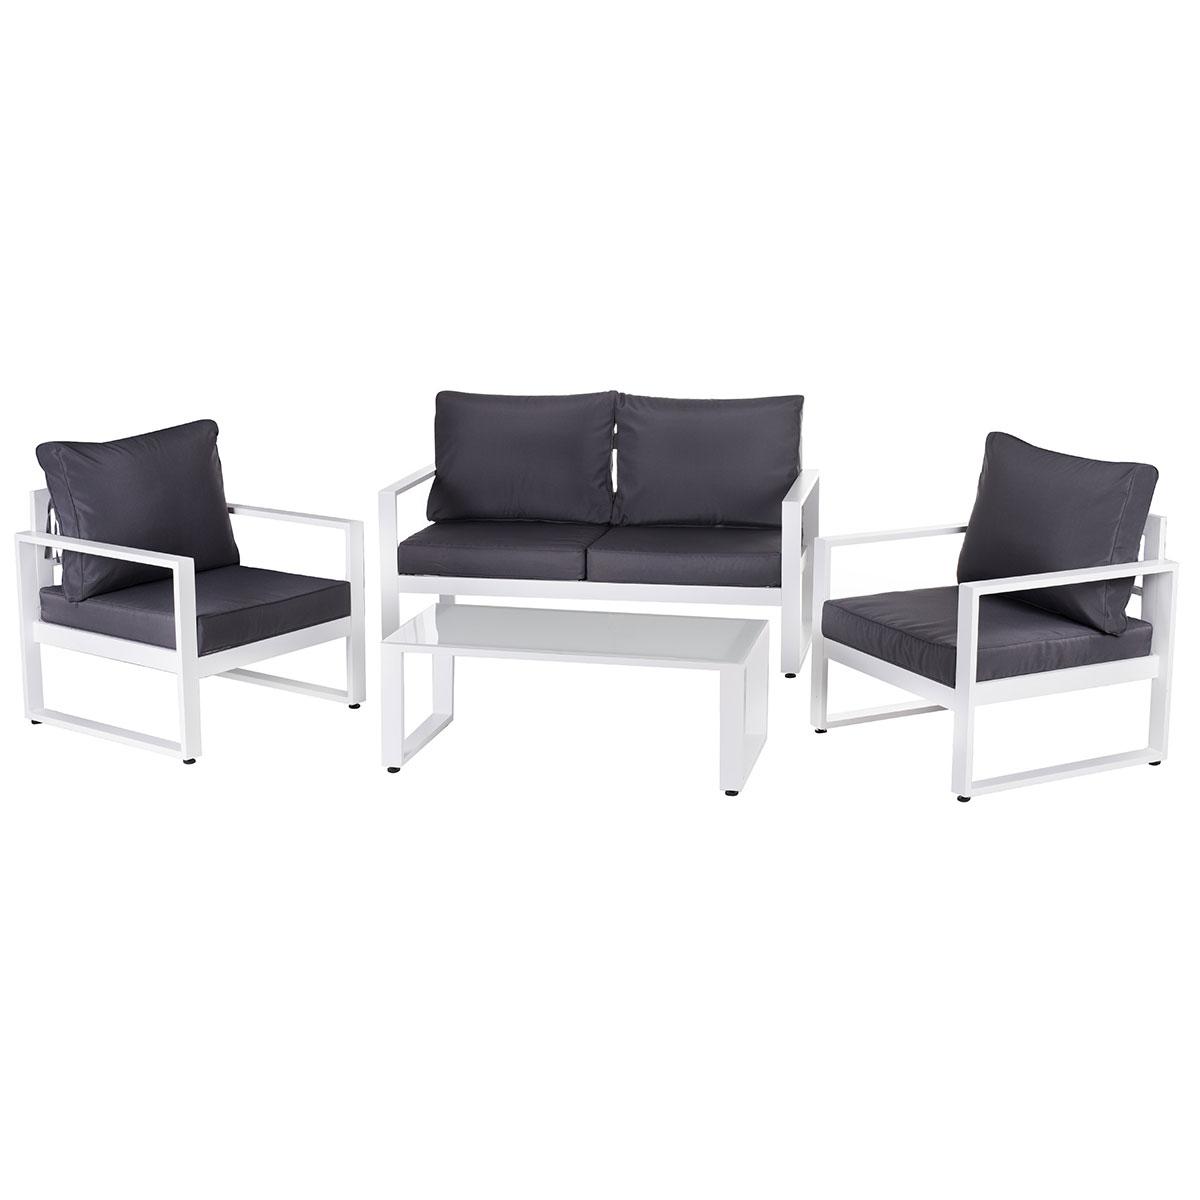 Salon détente en aluminium blanc - Gris/Blanc - 142.00 cm x 71.00 cm x 72.00 cm